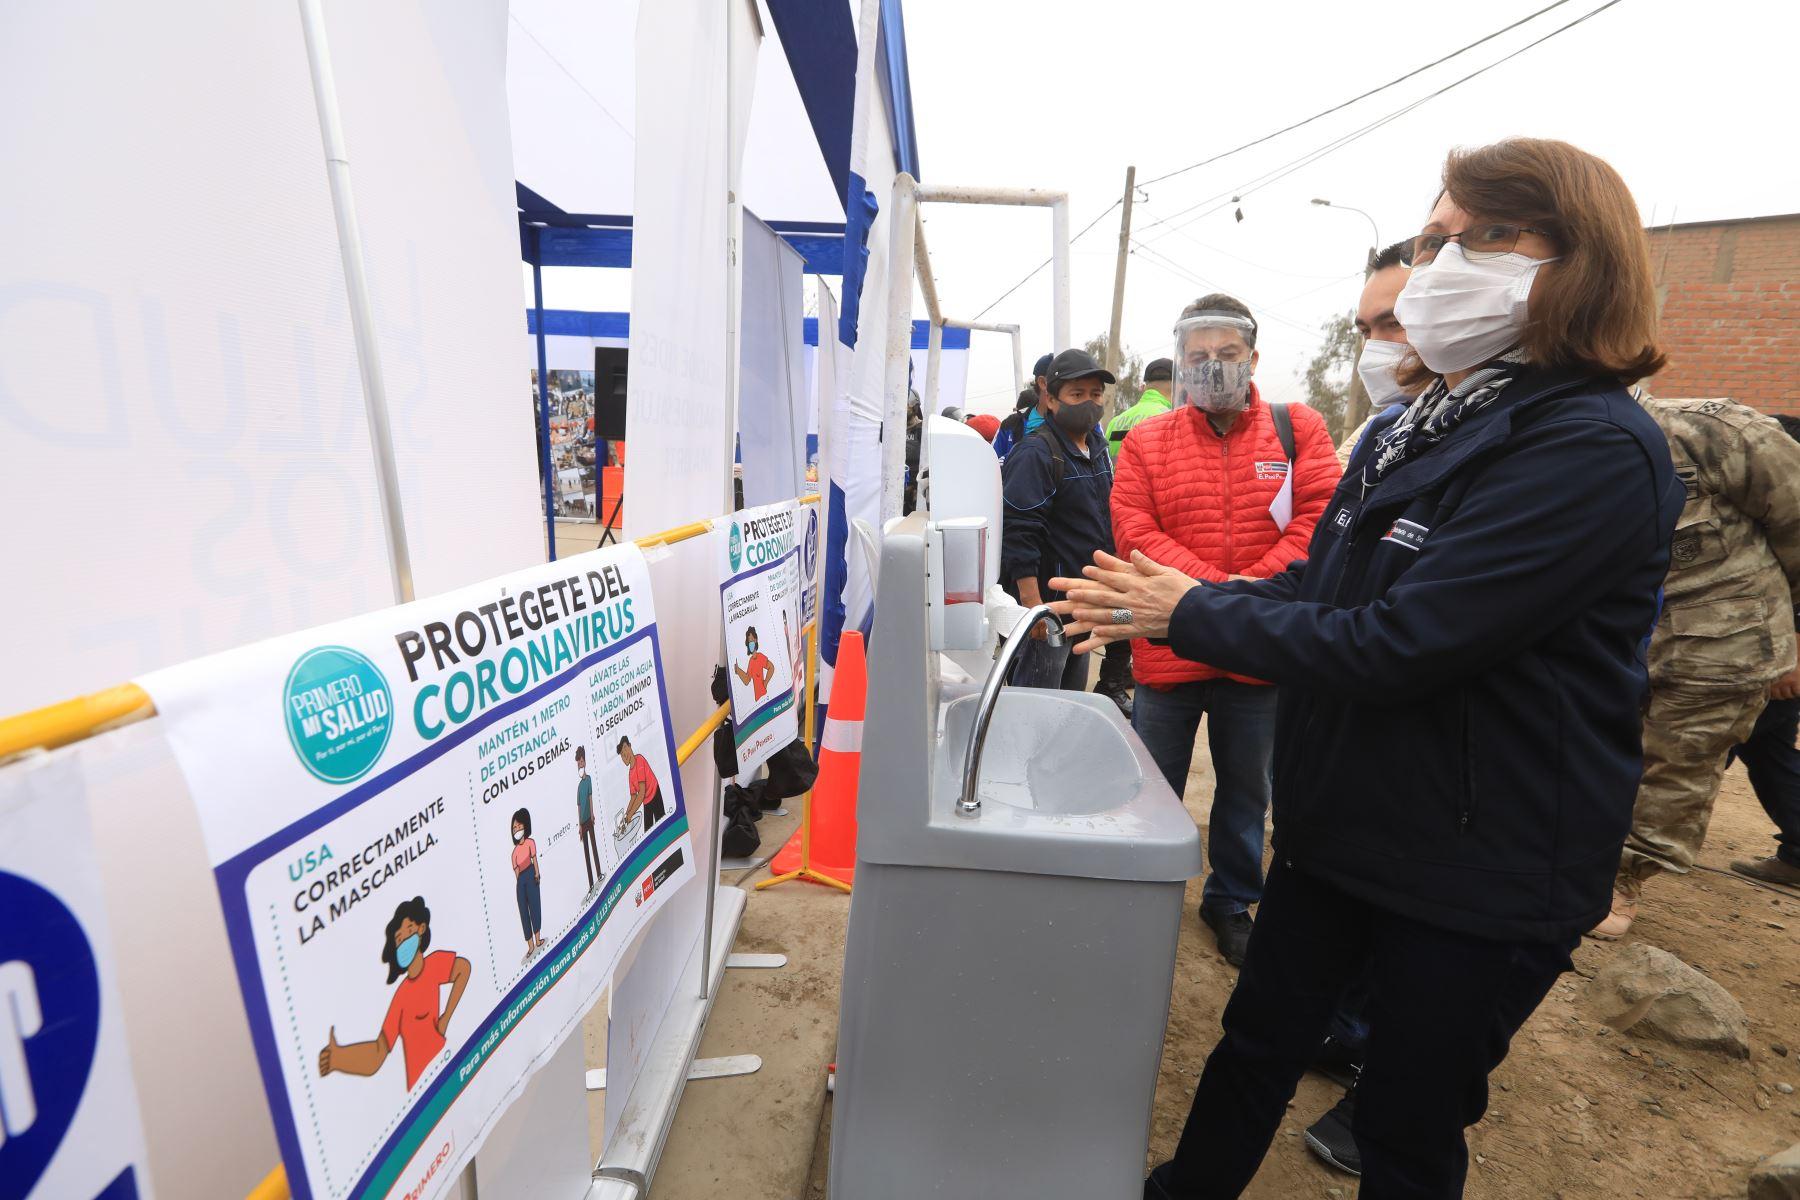 La ministra de Salud, Pilar Mazzetti y el titular del ministerio de Defensa, Jorge Chávez, participaron en una intervención integral en el A. H. Cuernavaca de Comas. 500 familias reciben servicios de tamizaje de covid-19, descarte de anemia, vacunación contra influenza y neumococo, entre otros. Foto: Ministerio de Salud